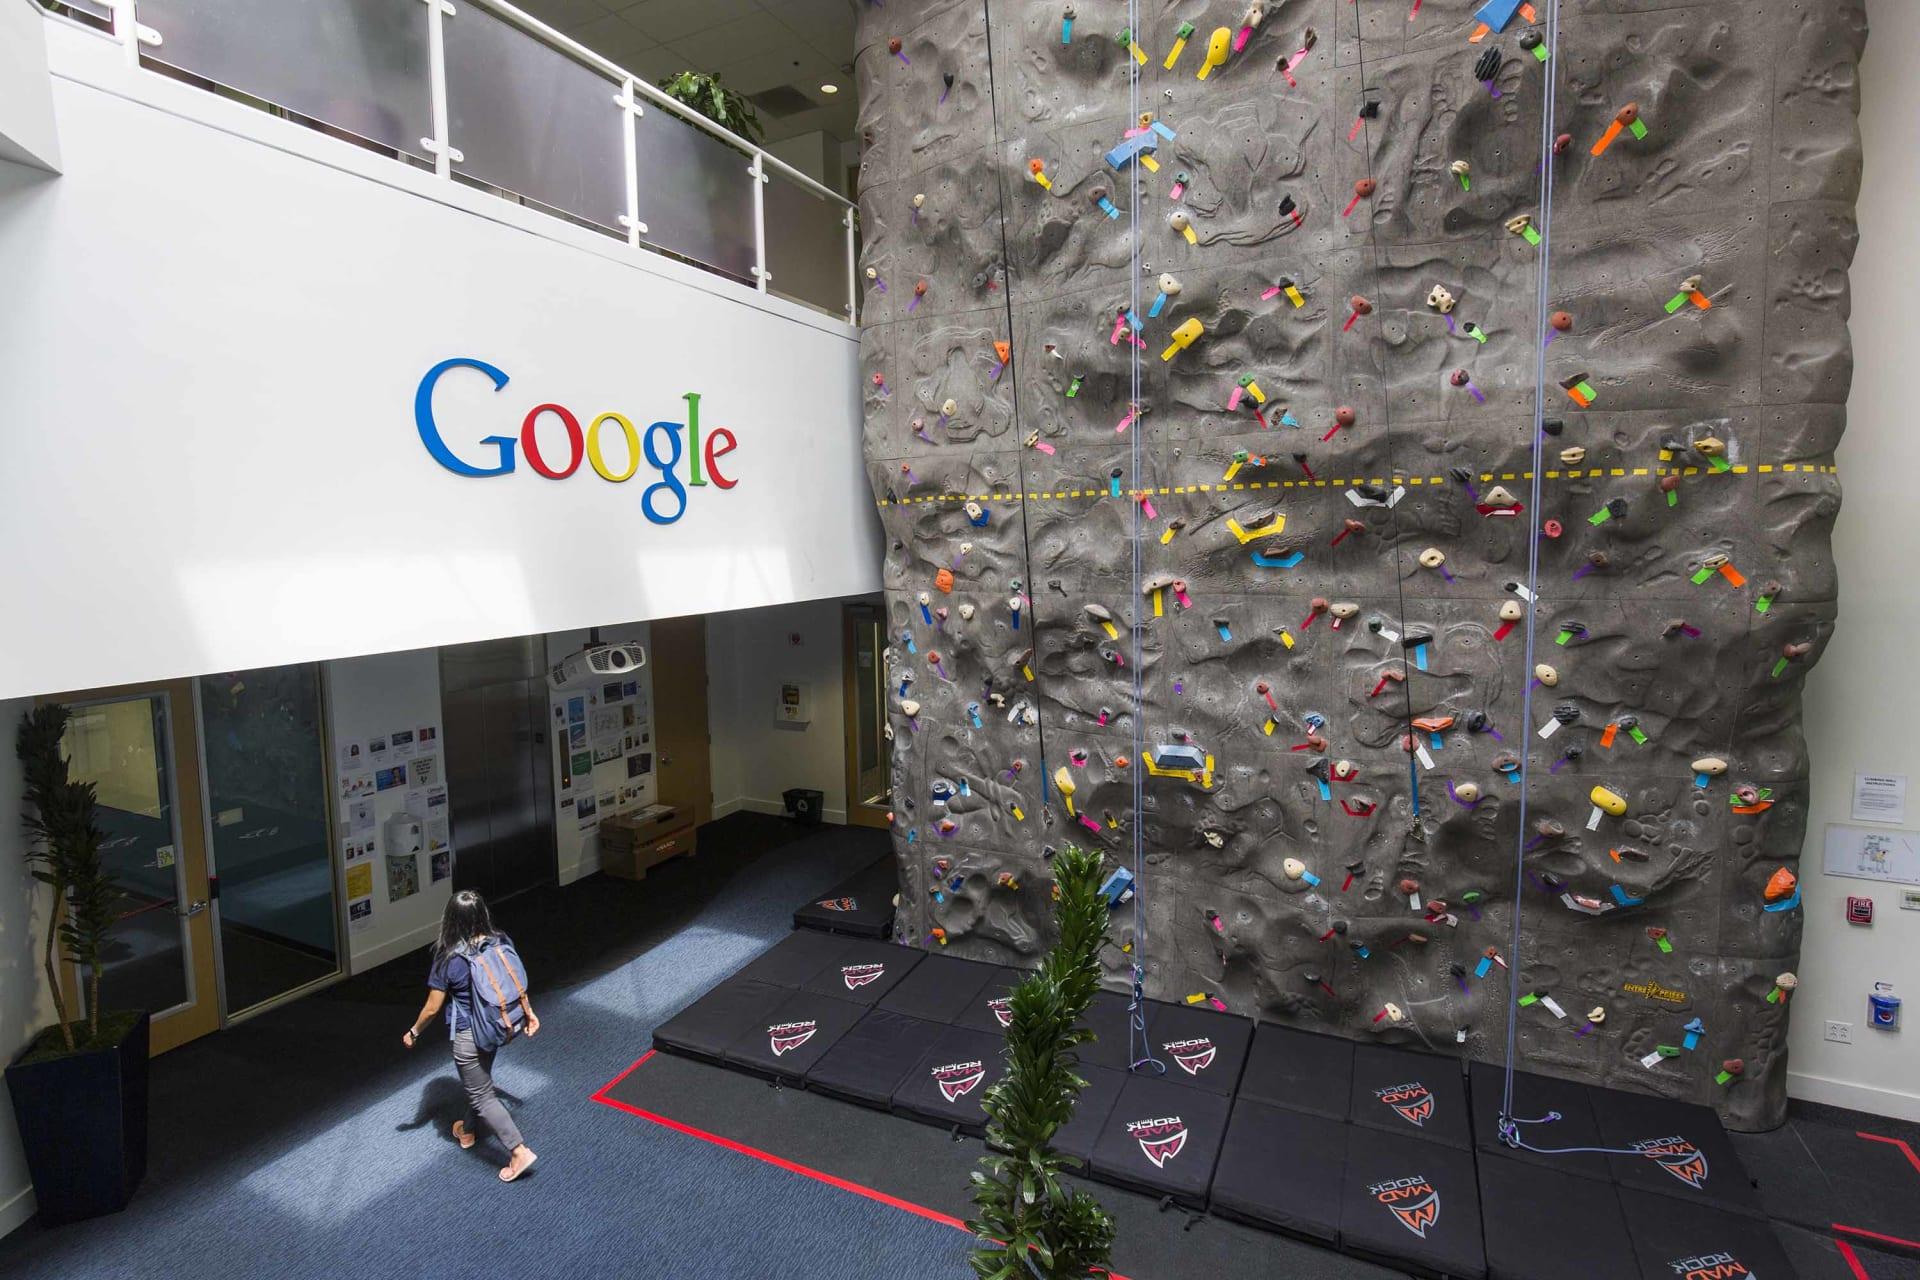 كيف تخطط غوغل ومايكروسوفت وغيرها من الشركات للعمل في مرحلة ما بعد الجائحة؟